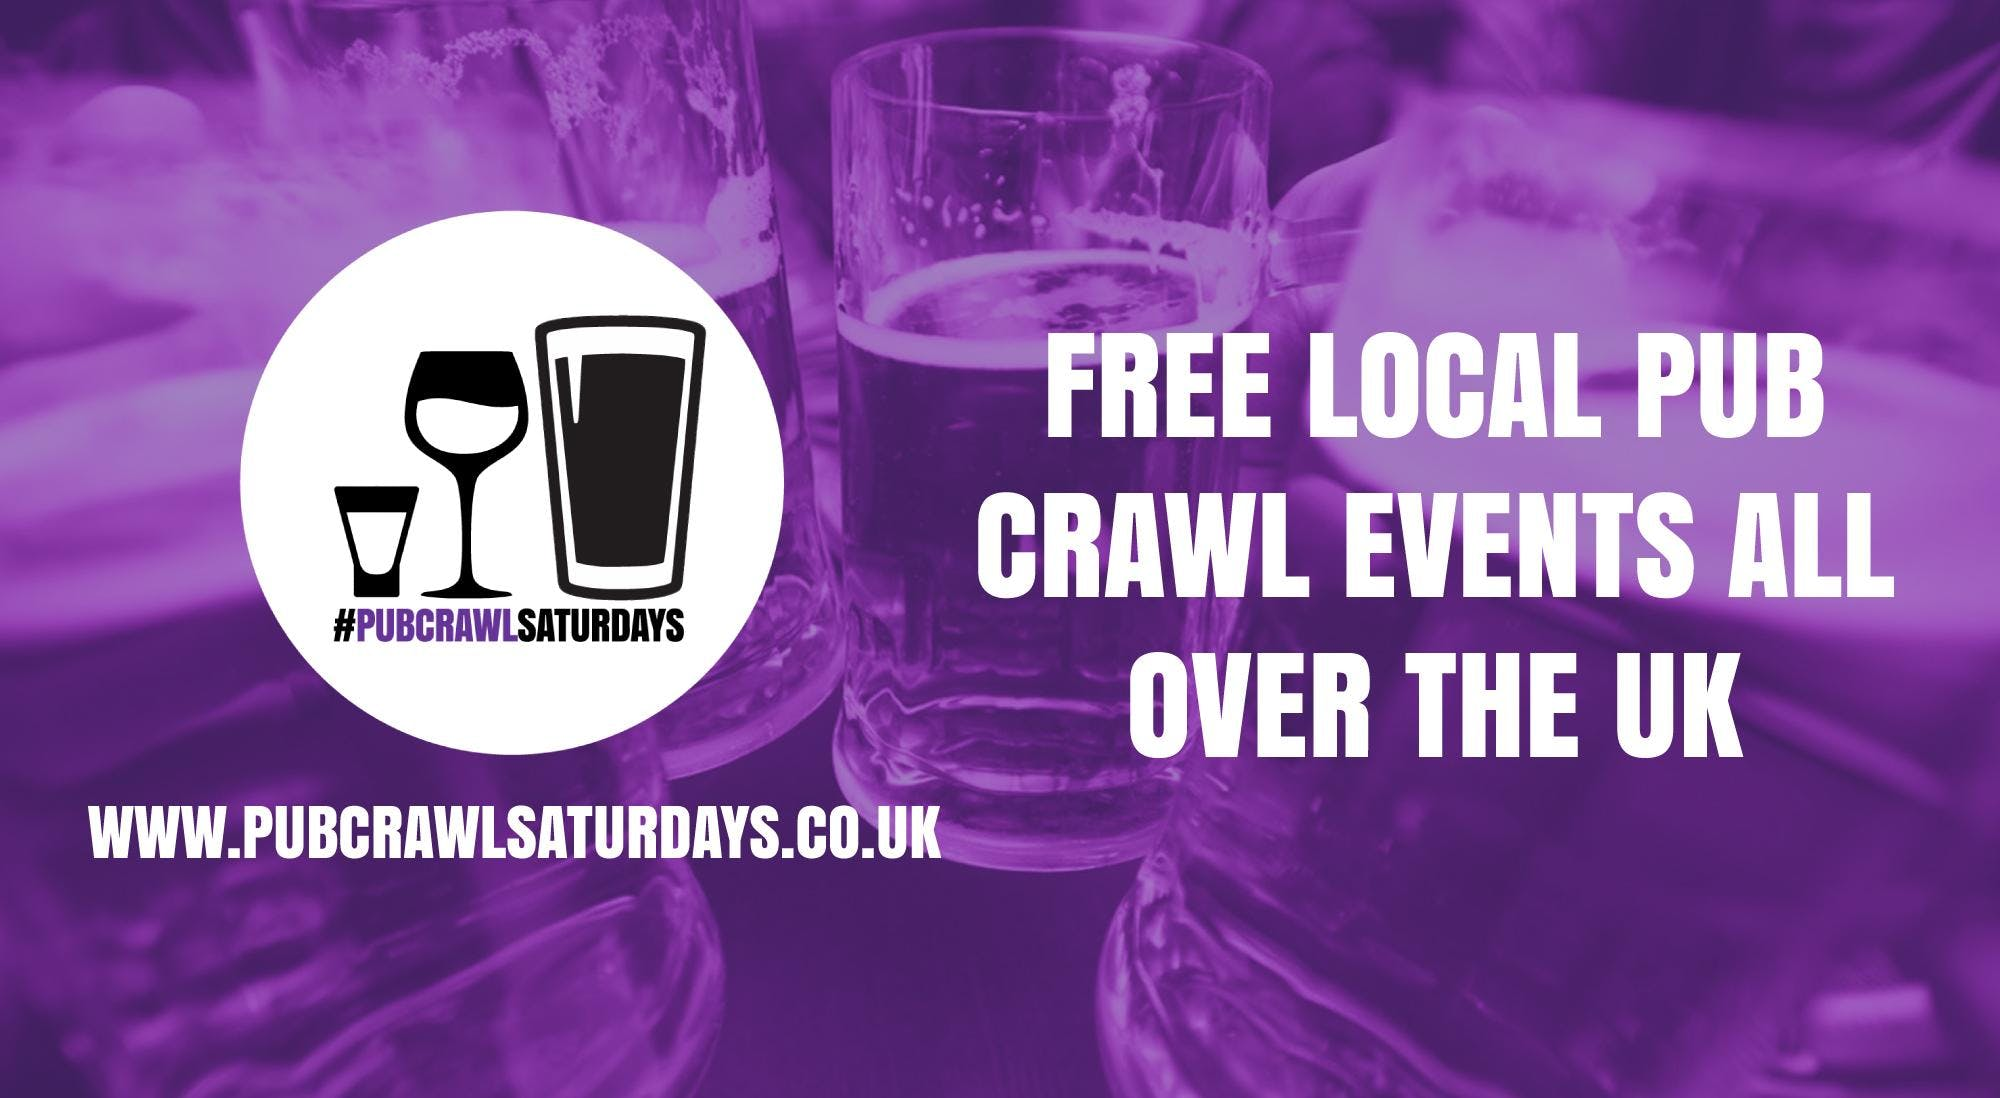 PUB CRAWL SATURDAYS! Free weekly pub crawl event in Brierley Hill